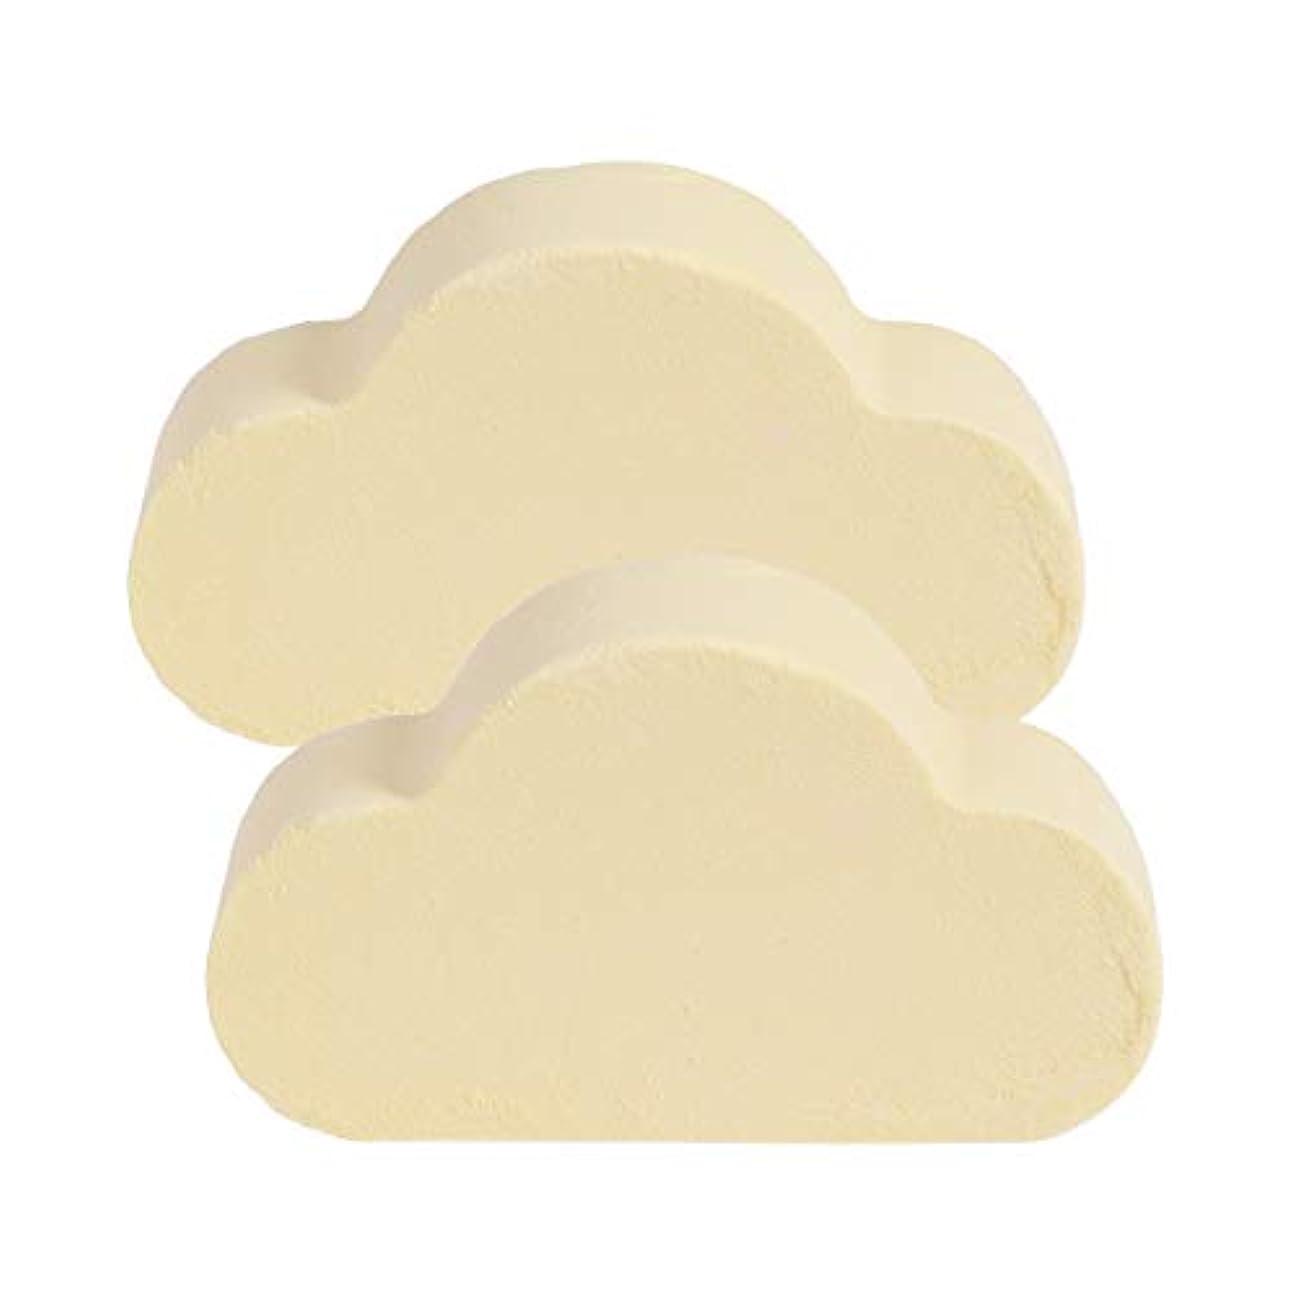 五月カニ偏心SUPVOX 2ピース風呂爆弾エッセンシャルオイルクラウド形状塩バブル家庭用スキンケア風呂用品用バブルスパ風呂ギフト